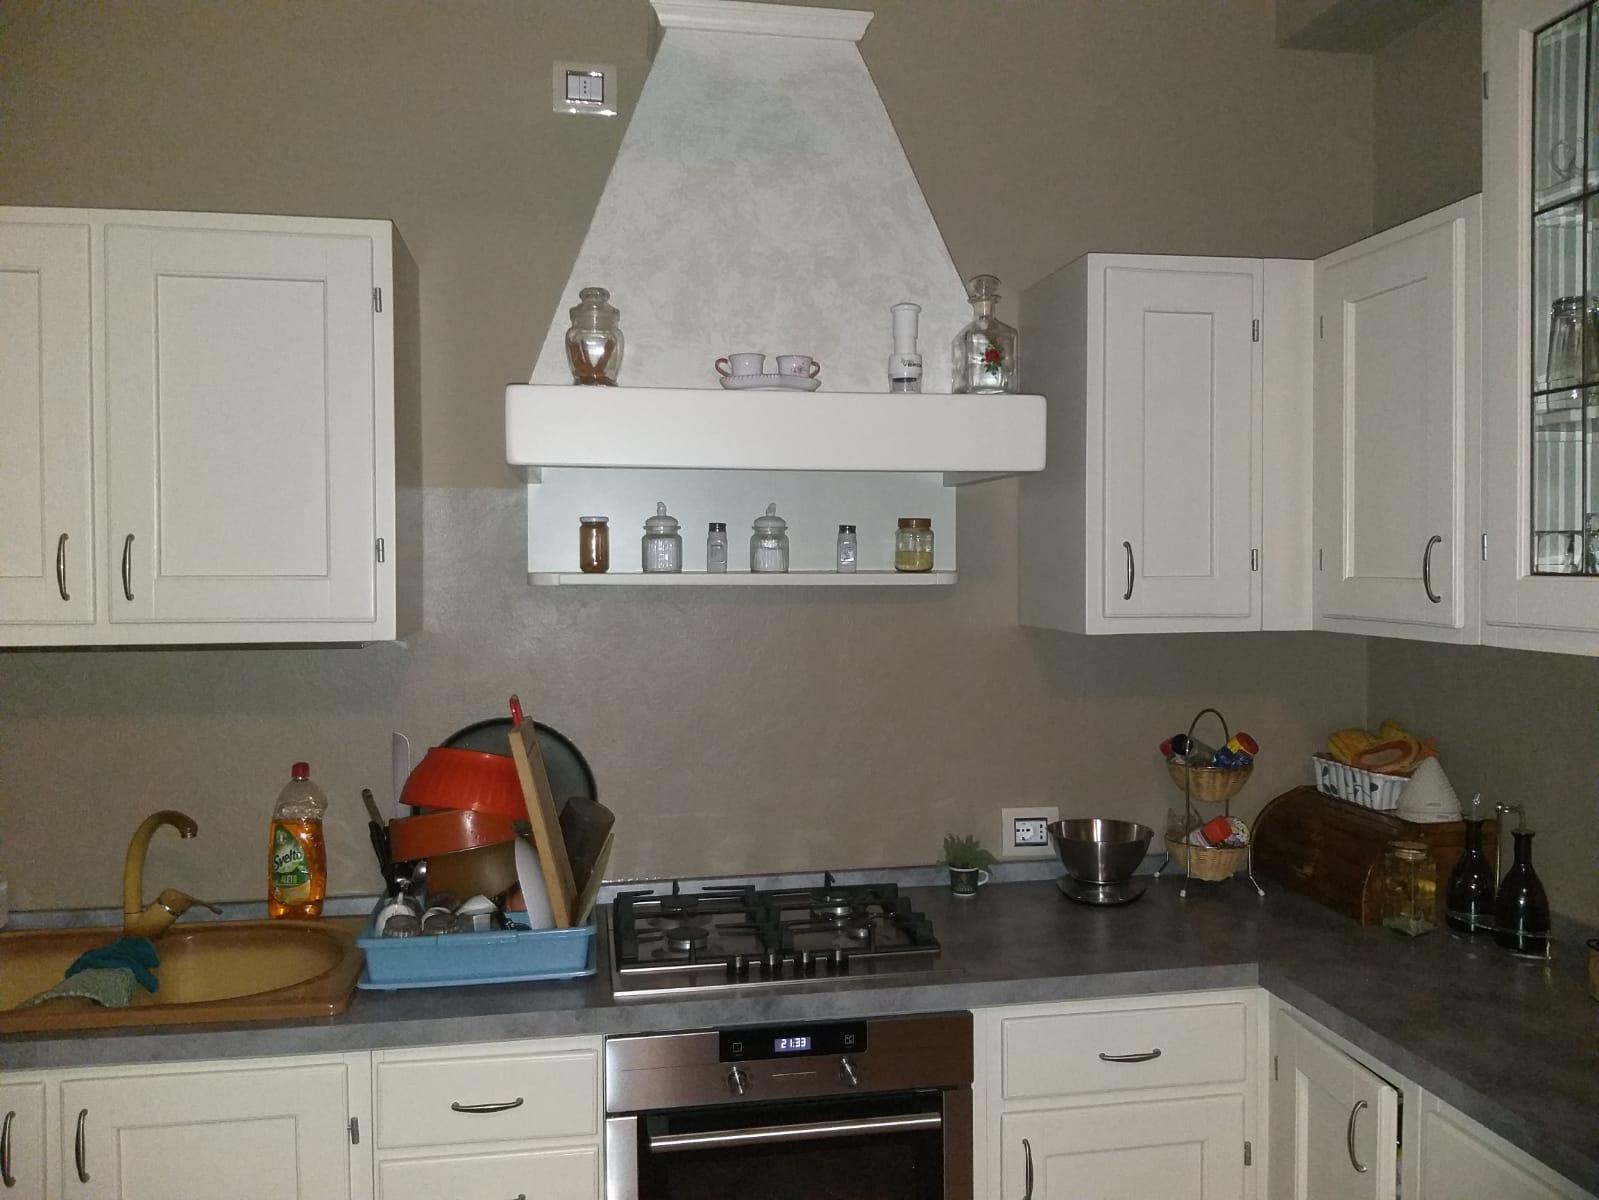 Cucine Su Misura Brescia arredamento e complementi in legno bedizzole brescia